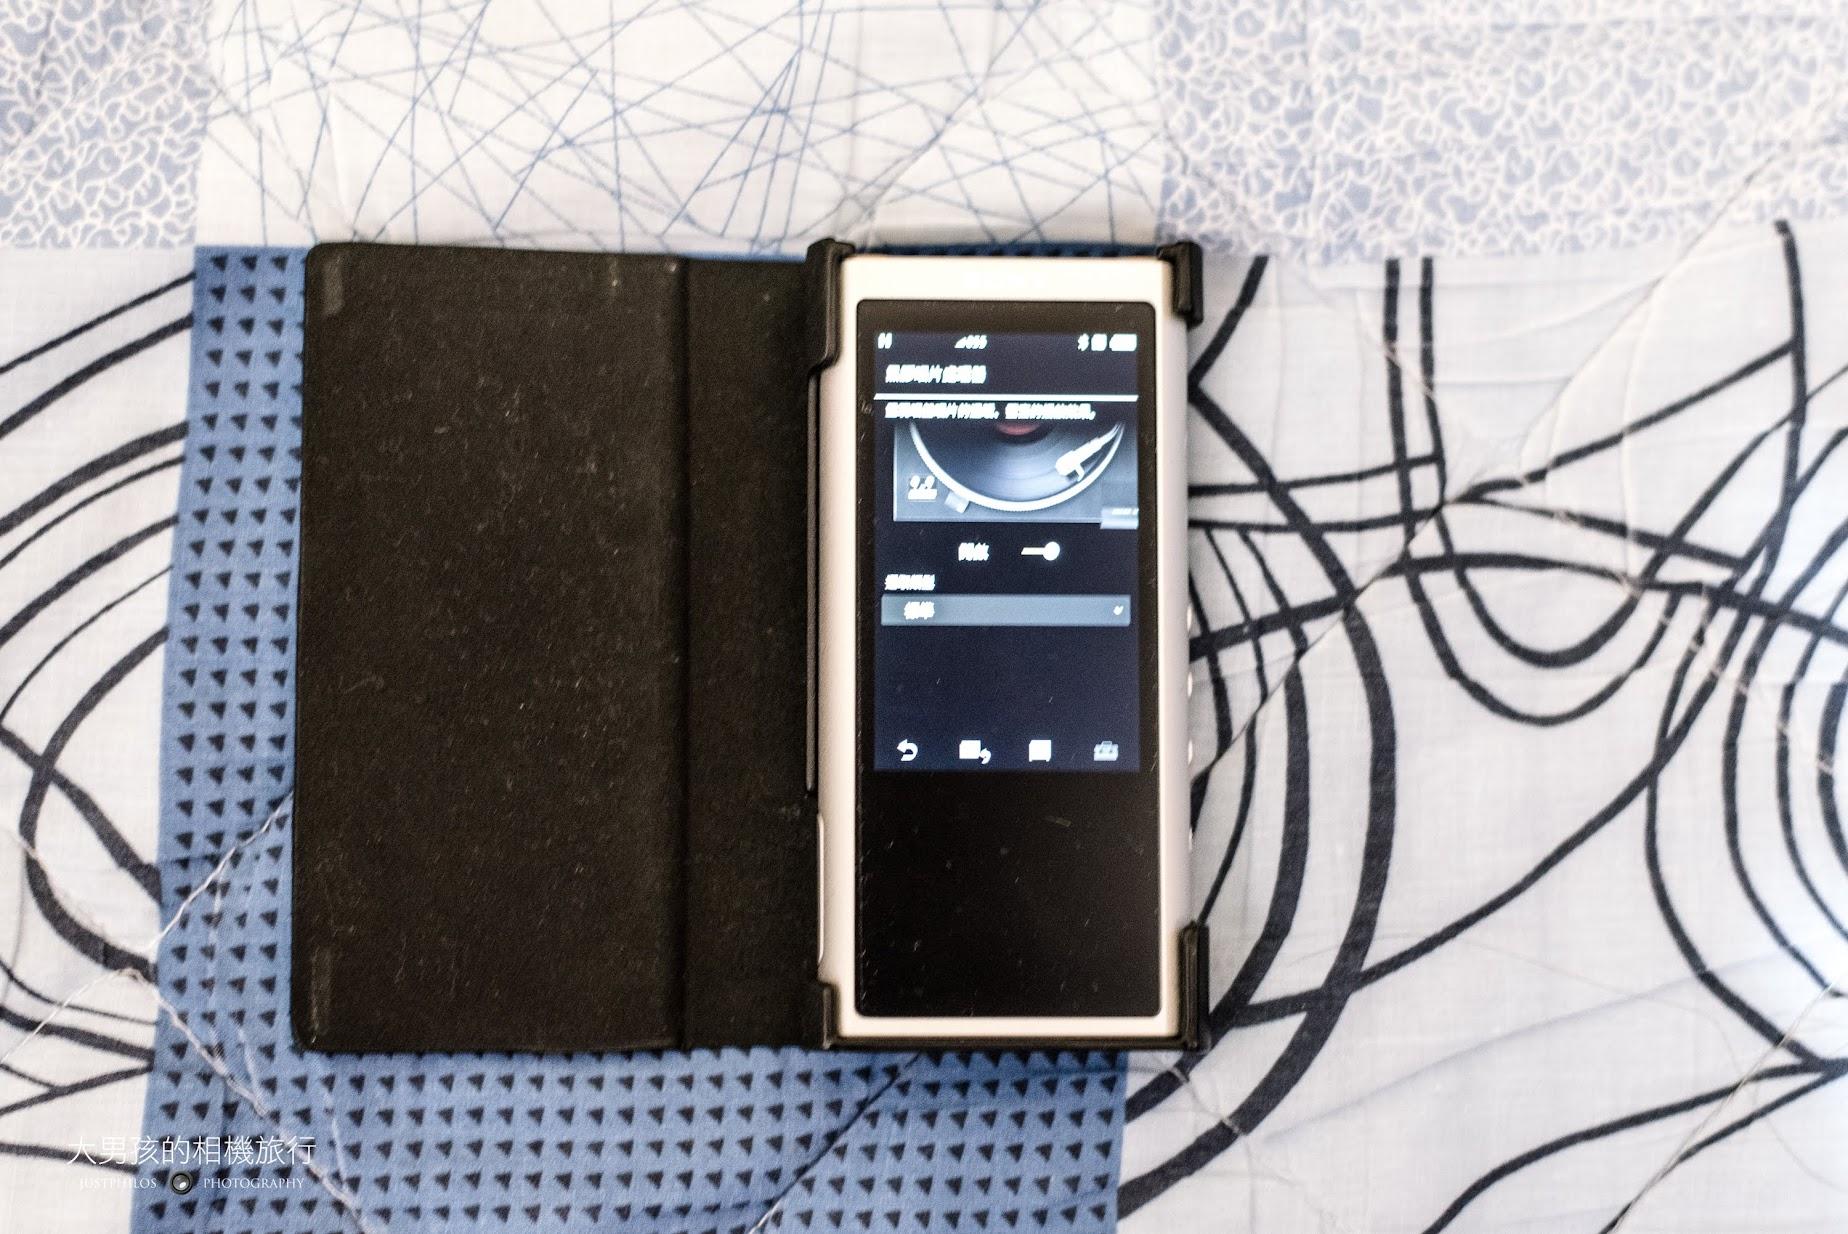 ZX300新韌體更新黑膠唱片模擬器功能。